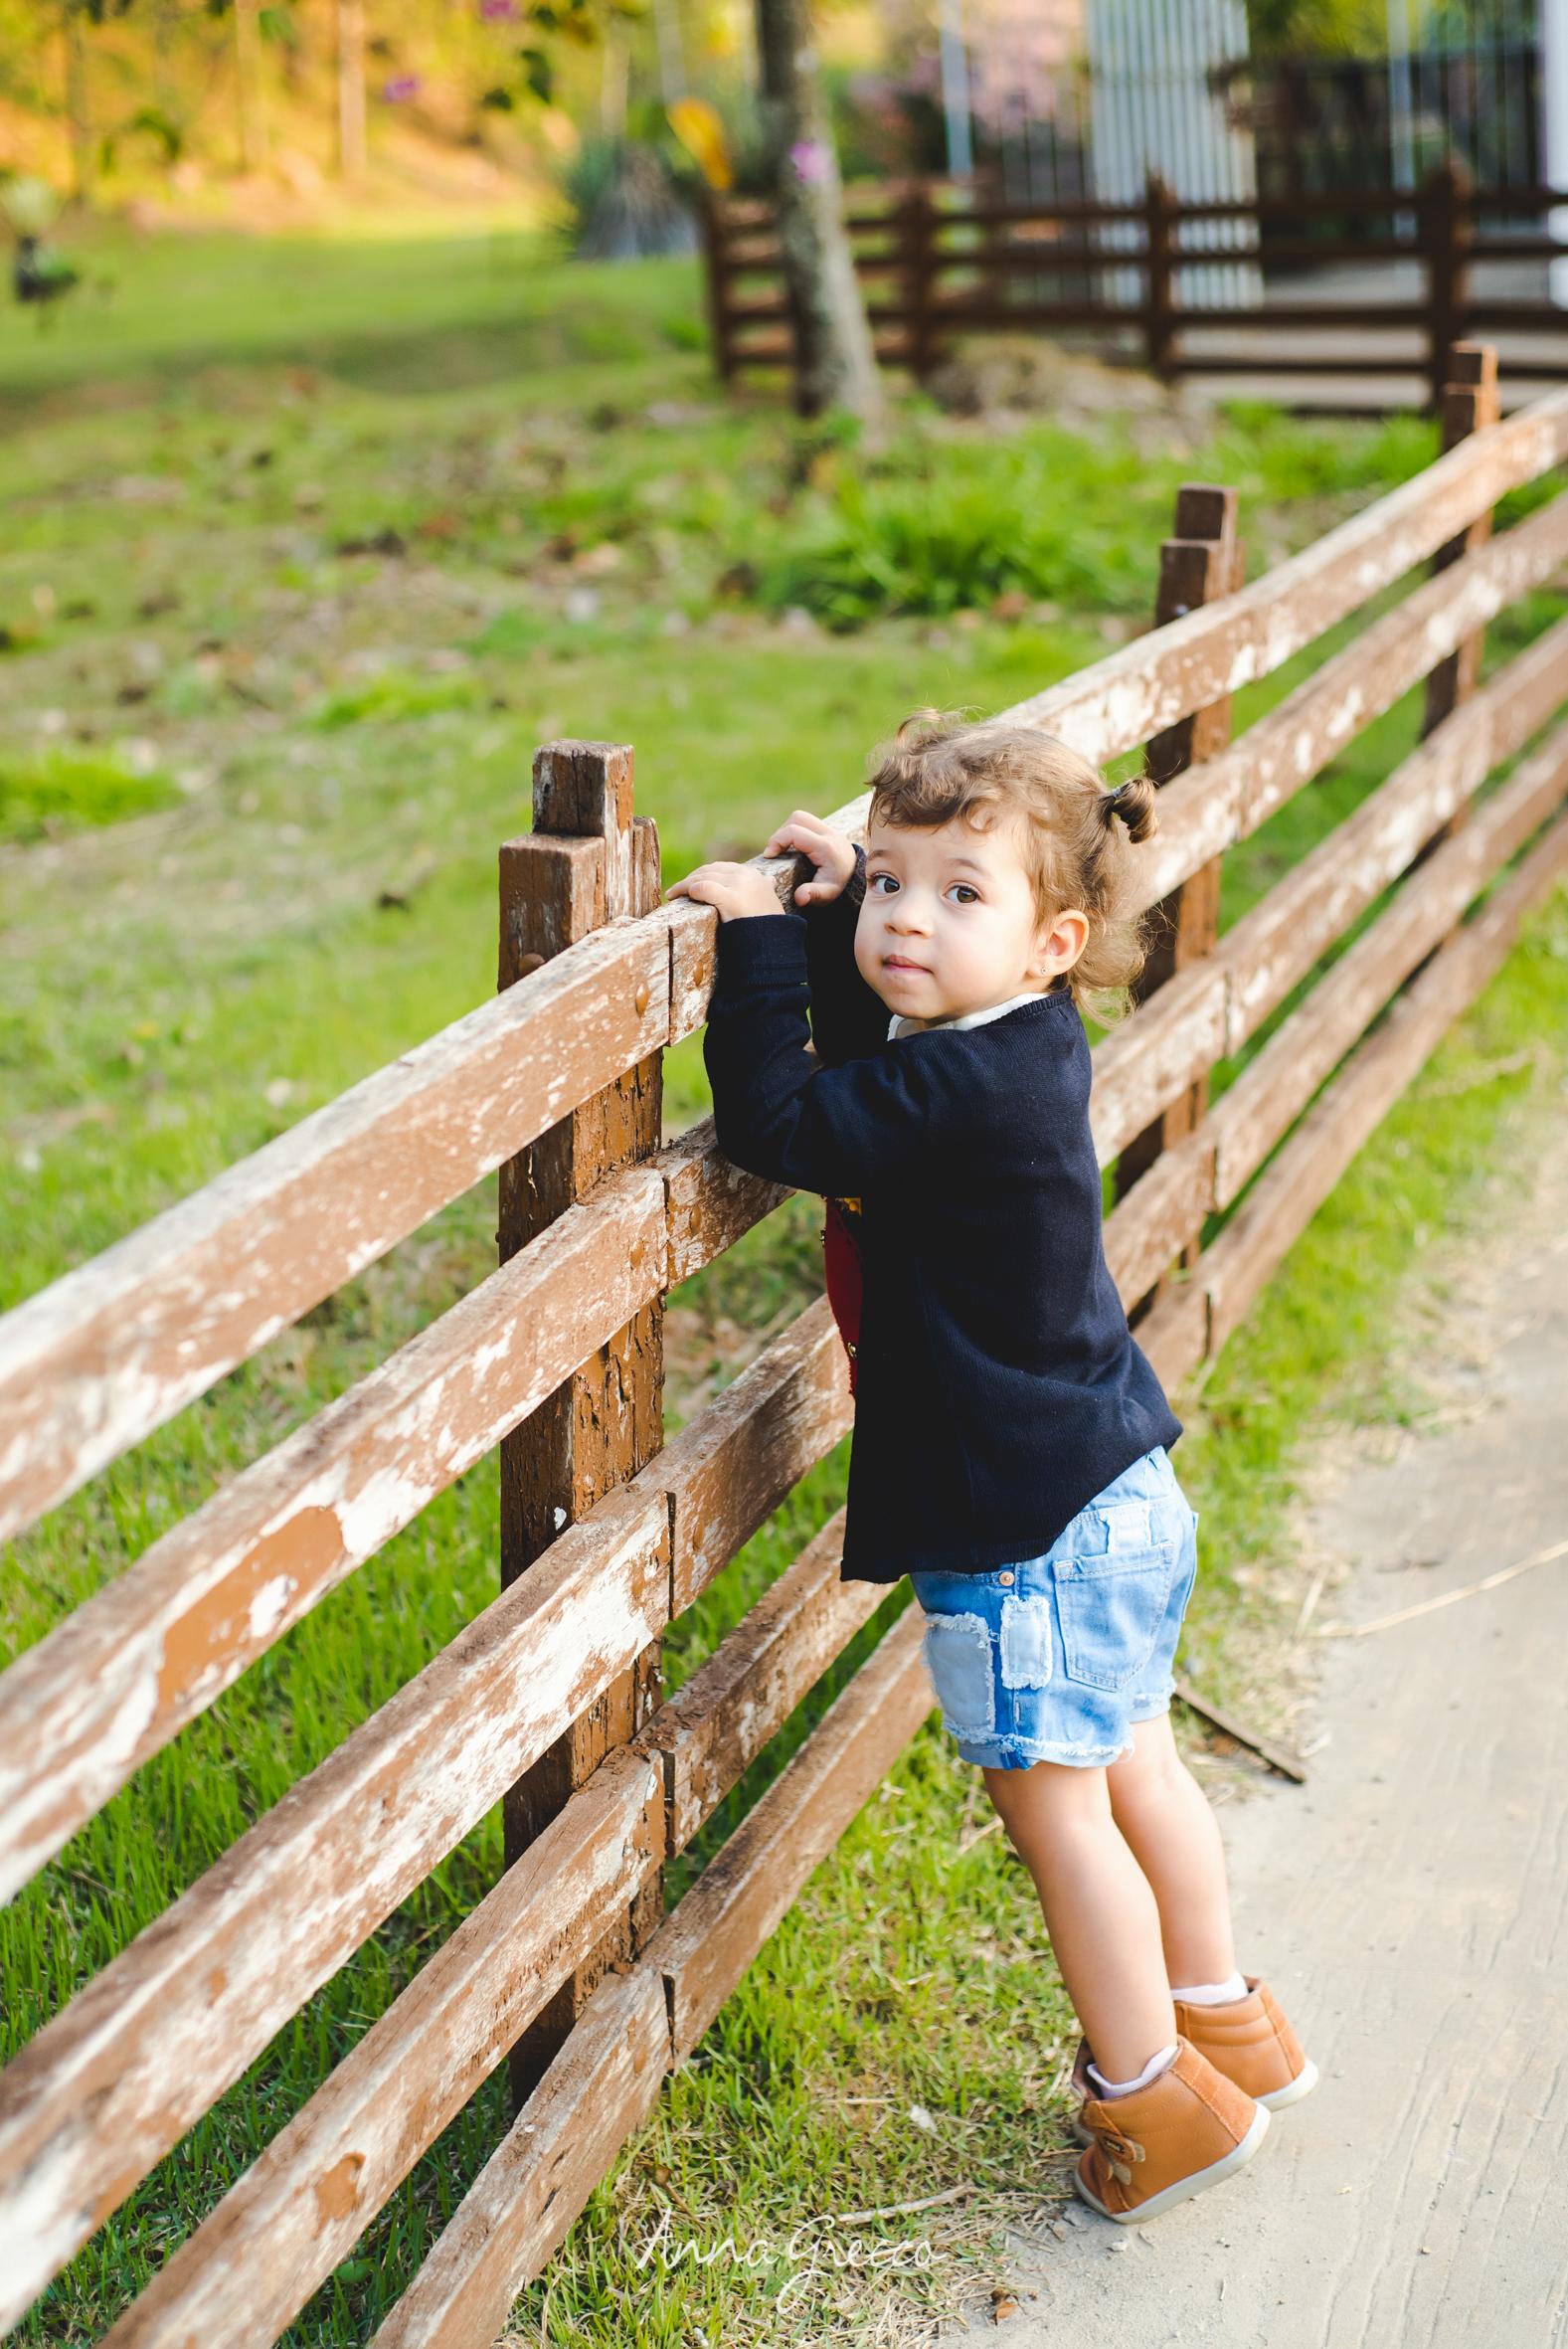 www.annagrecco.com.br Anna Grecco fotografa de familias, bebes, gestante e newborn - Estudio em Campinas - Hopi Hari